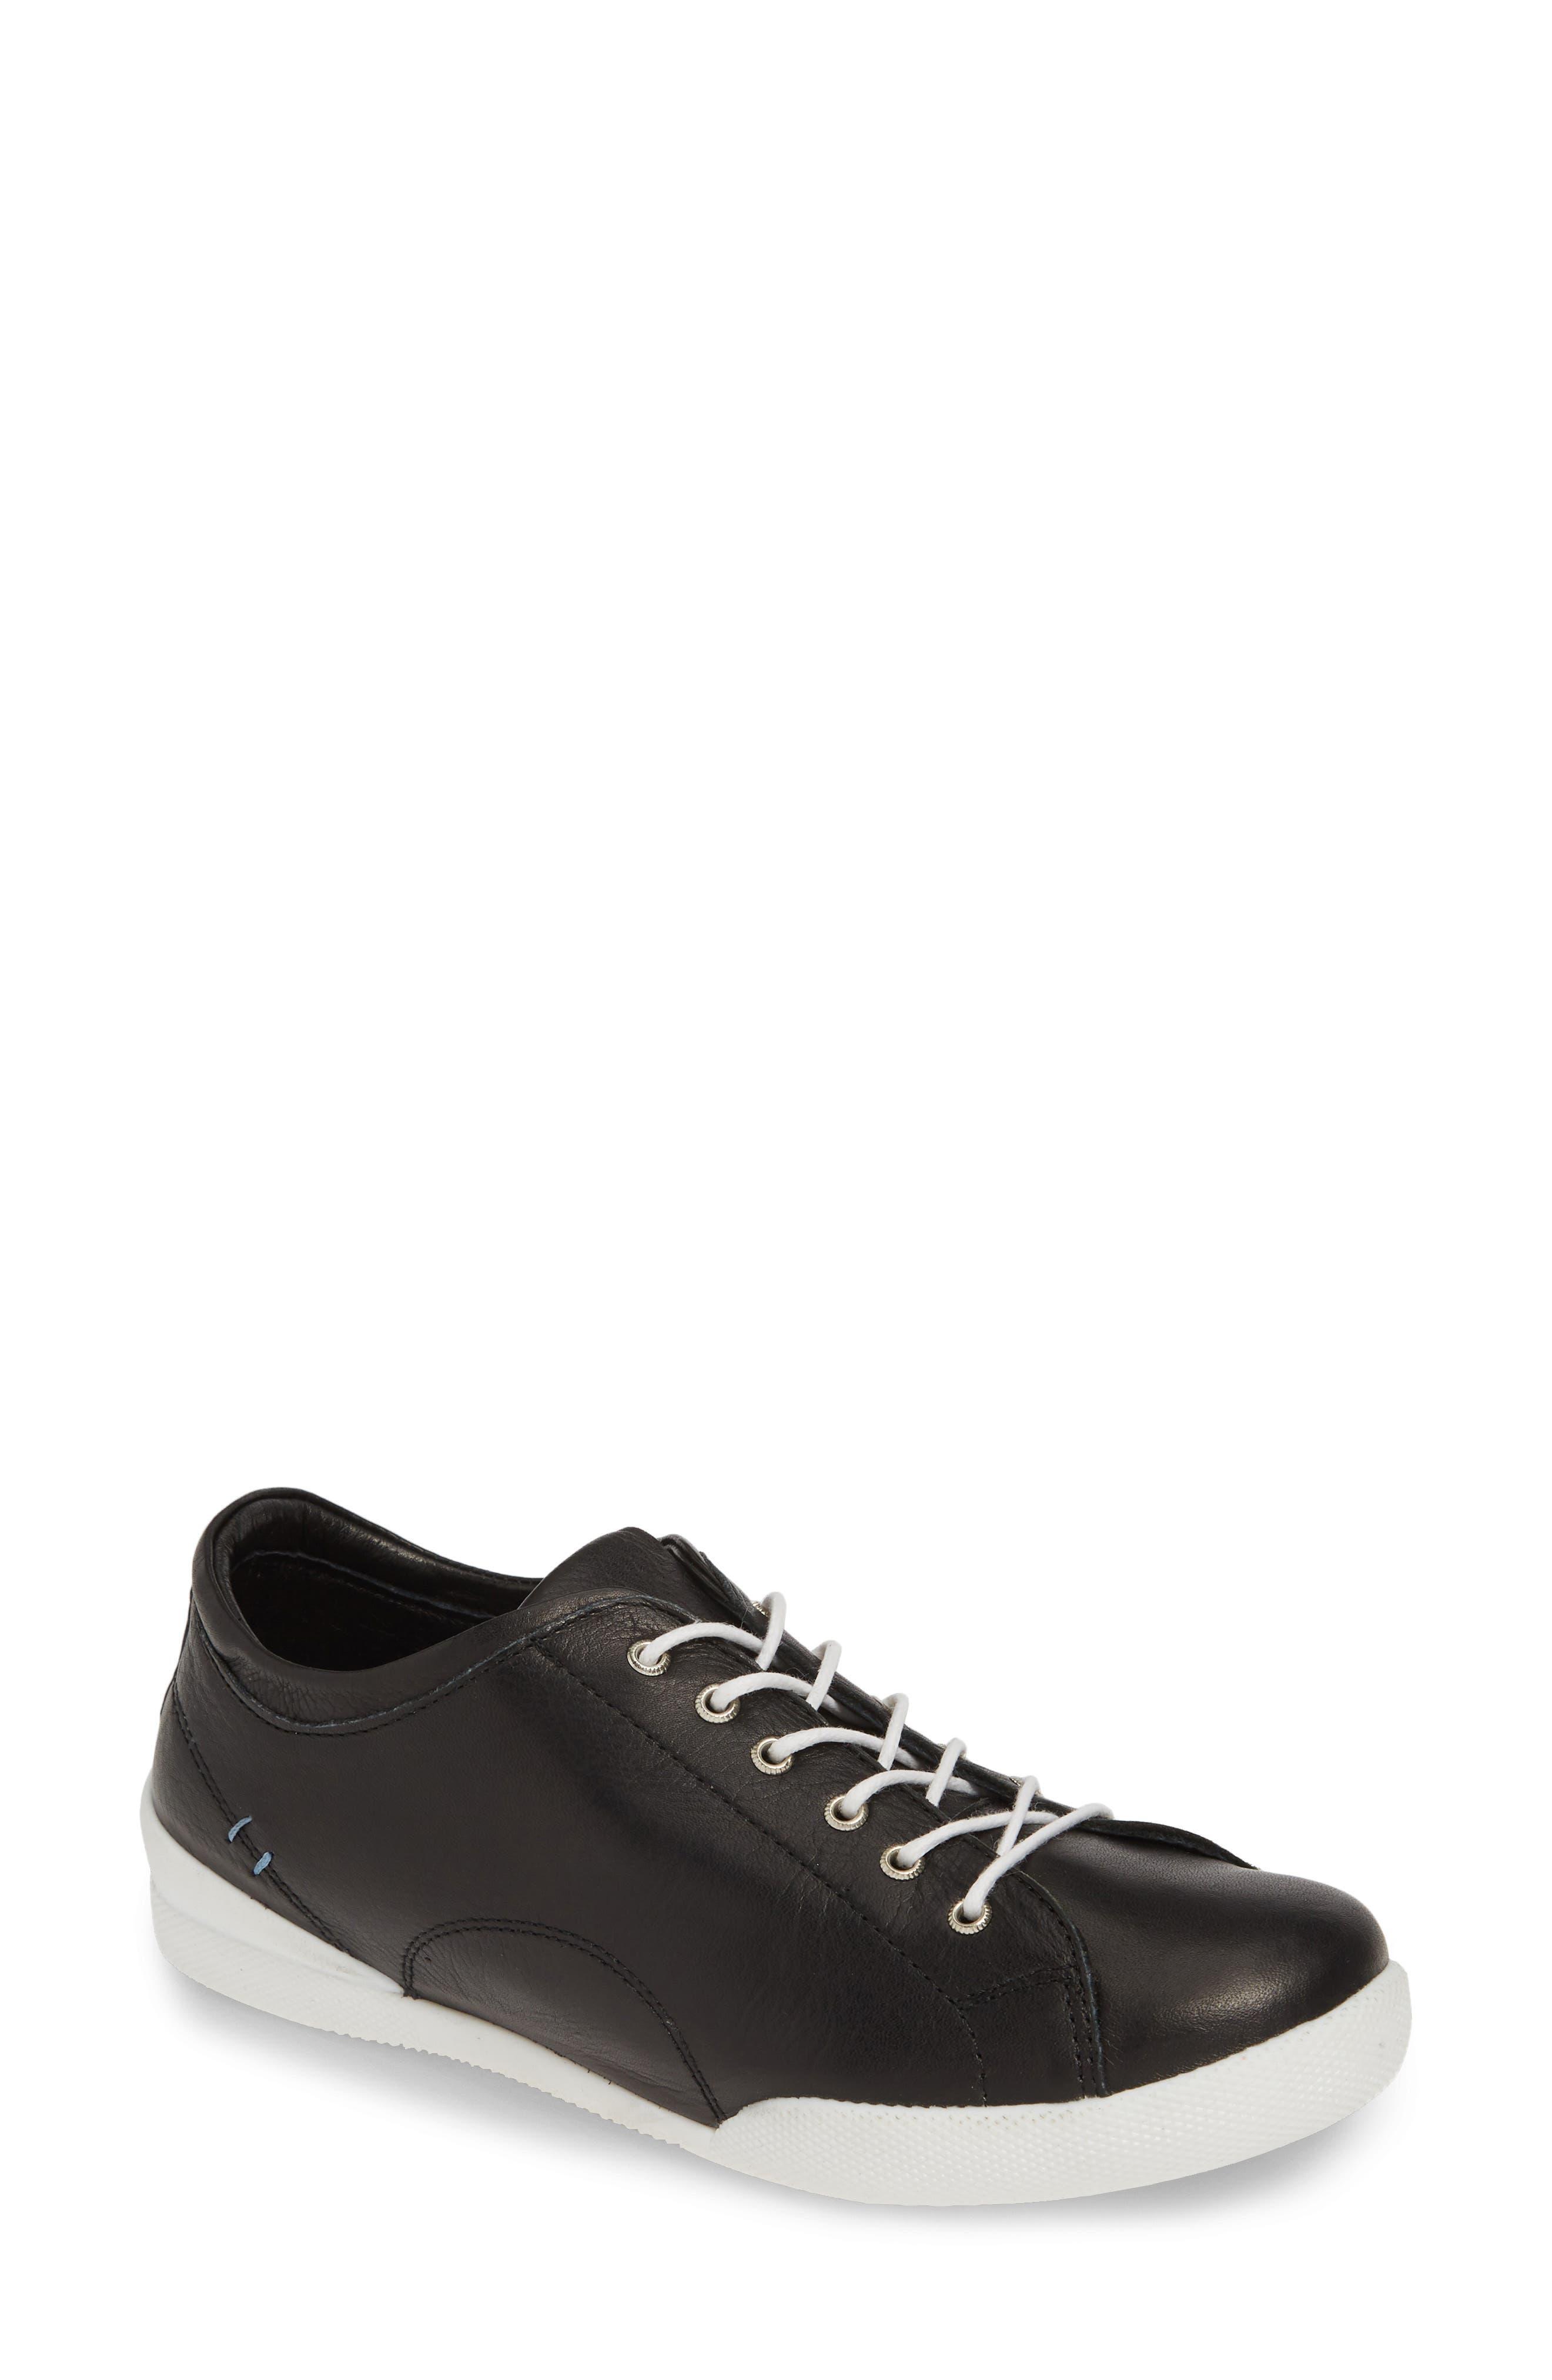 Sheridan Mia Abbey 2 Sneaker, Black